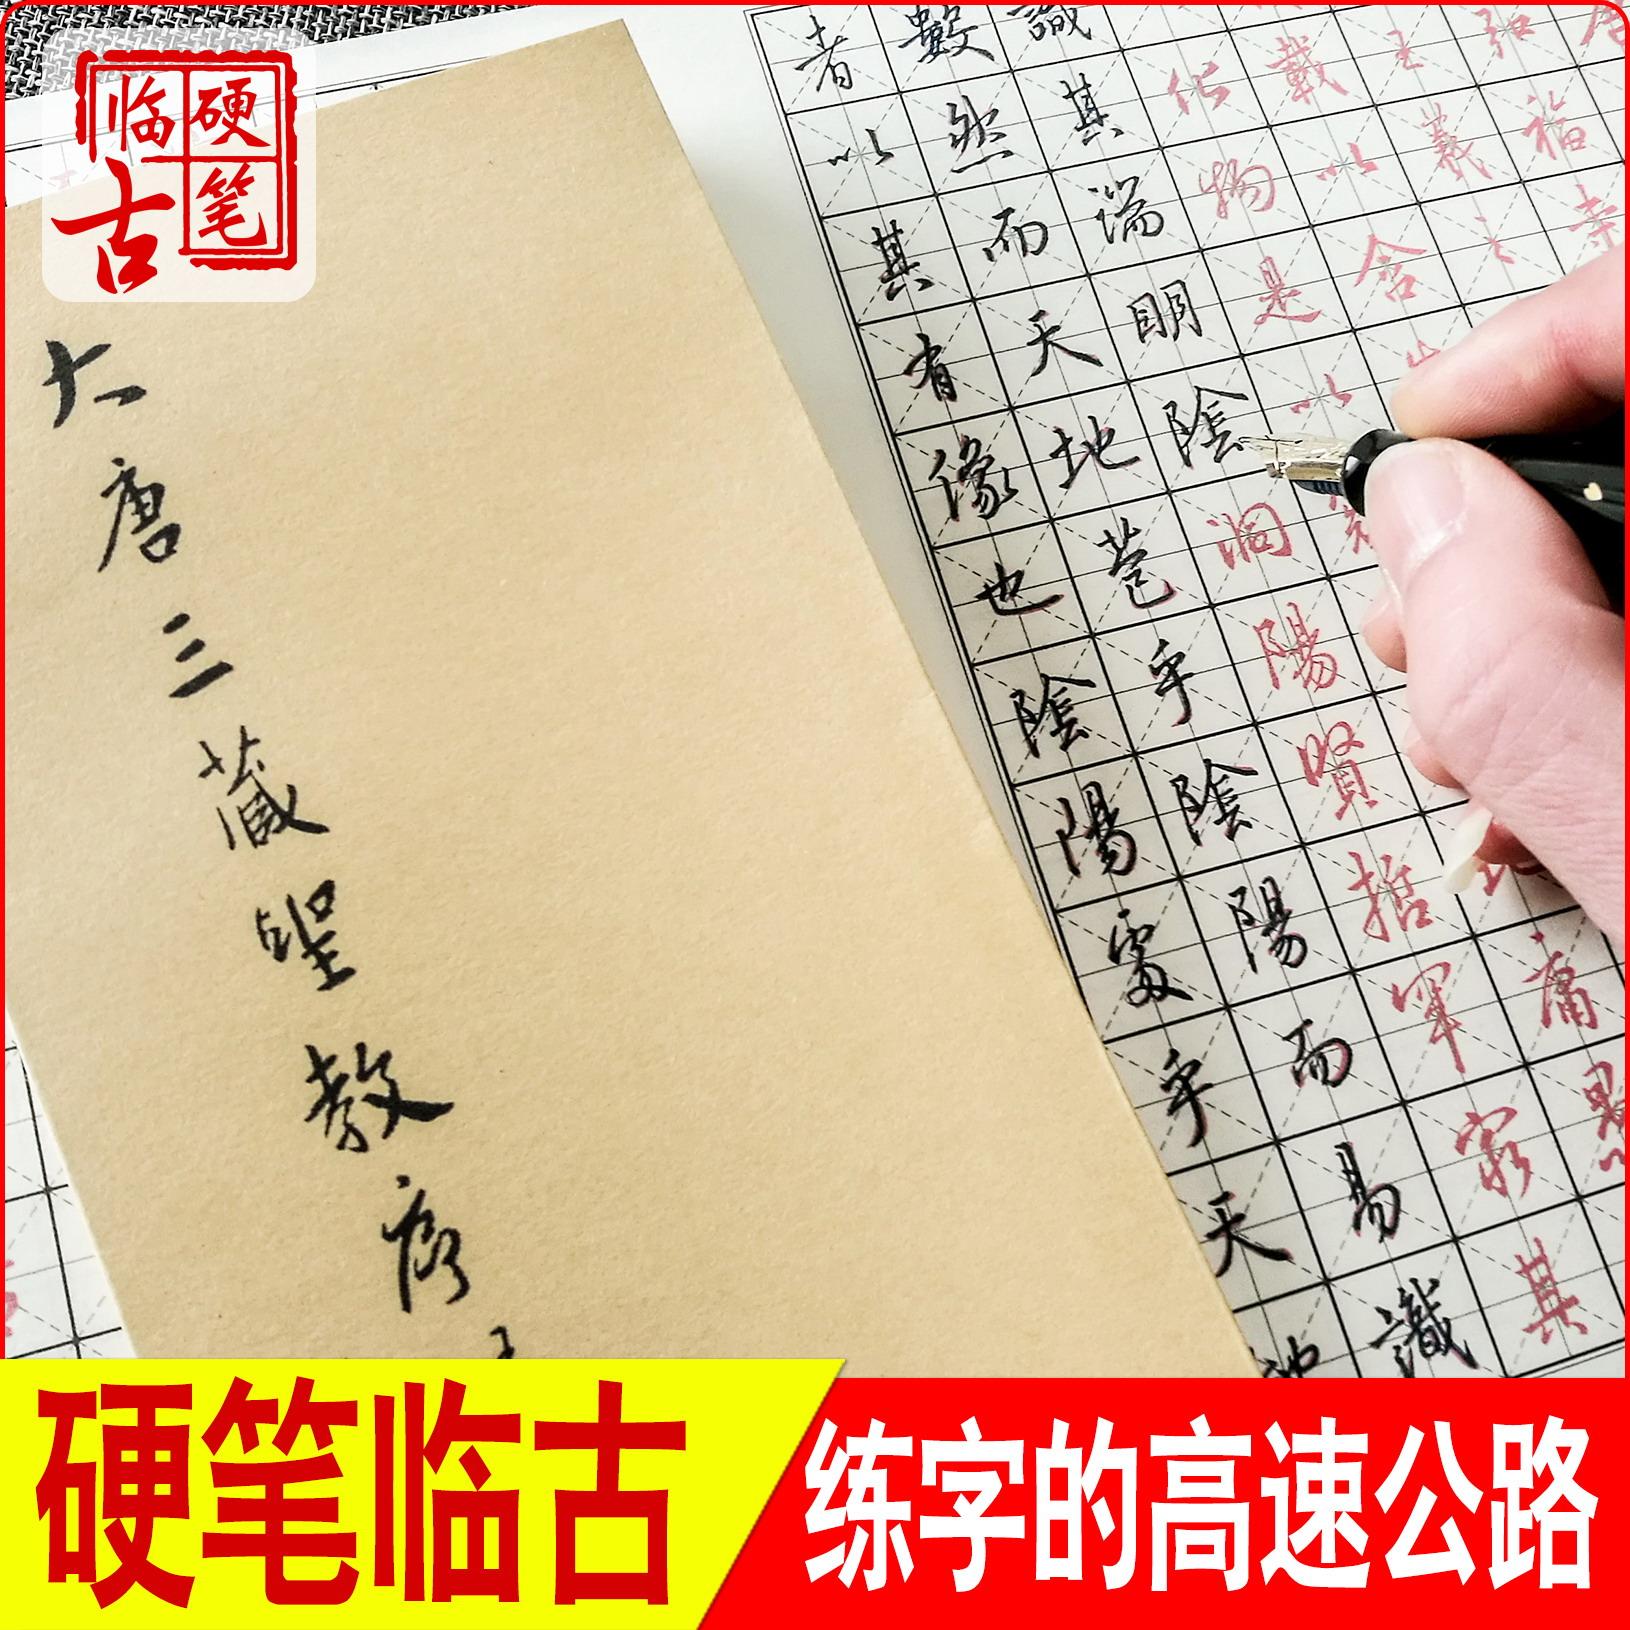 硬临摹练字帖王羲之折页描红本钢笔